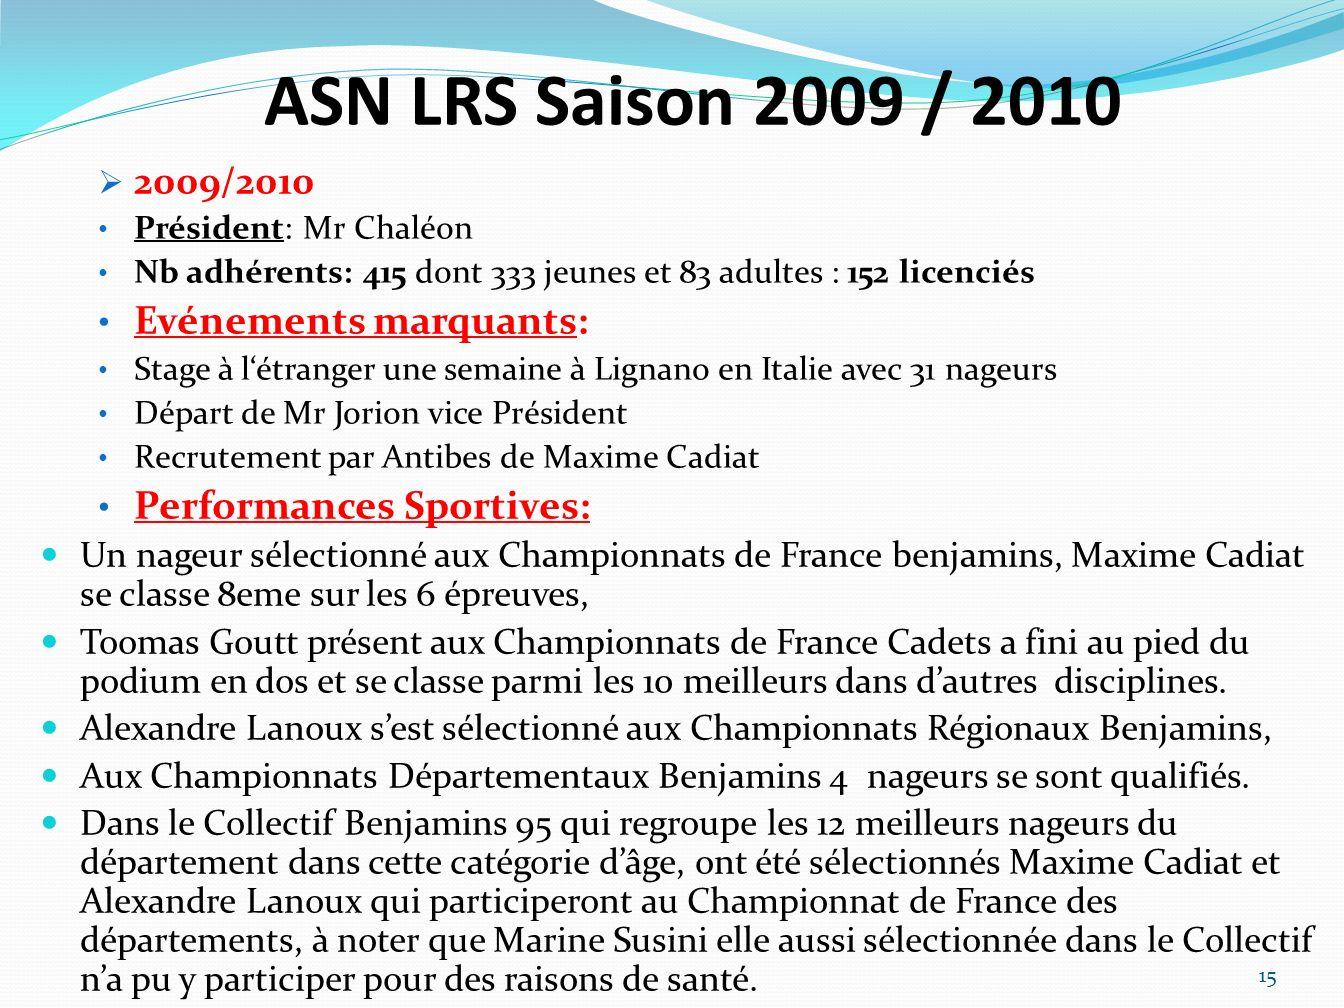 ASN LRS Saison 2009 / 2010 Evénements marquants: